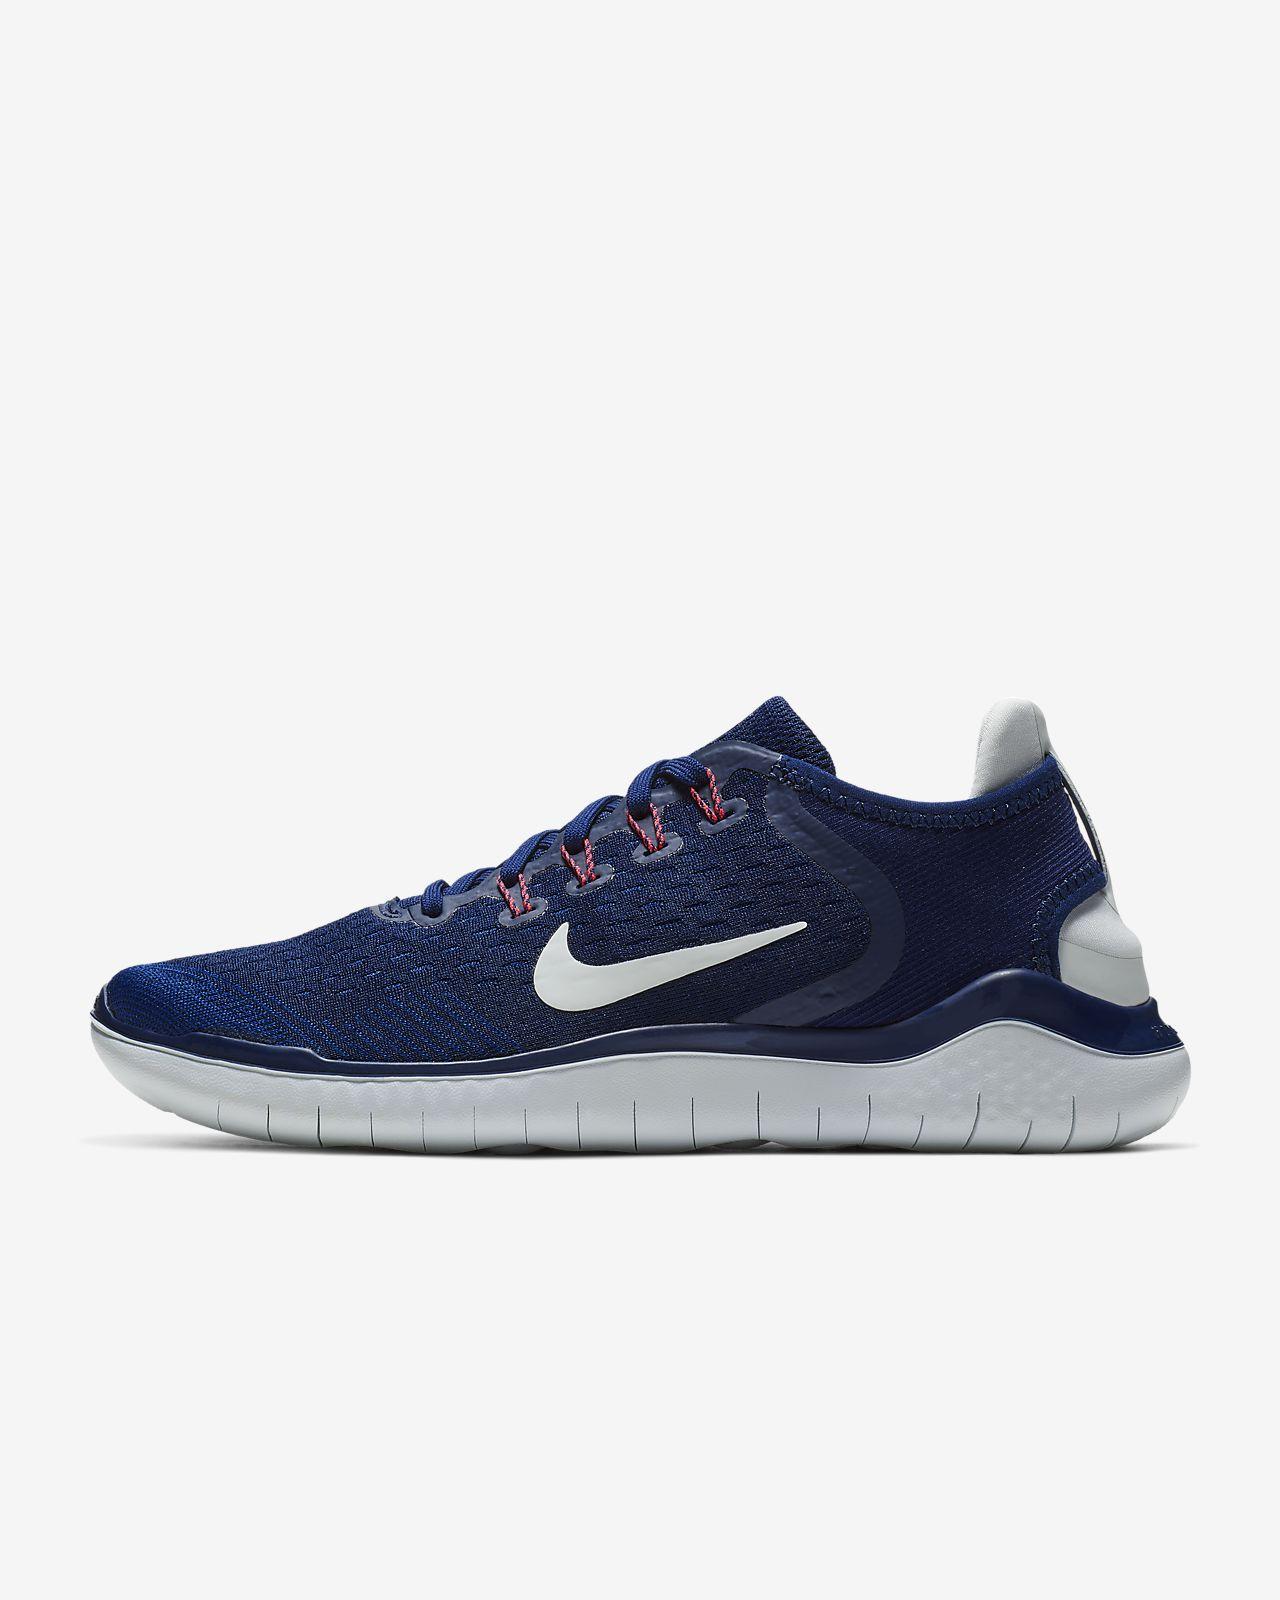 Mujer Rn Para Calzado Cl De 2018 Free Nike Running tgcaqP